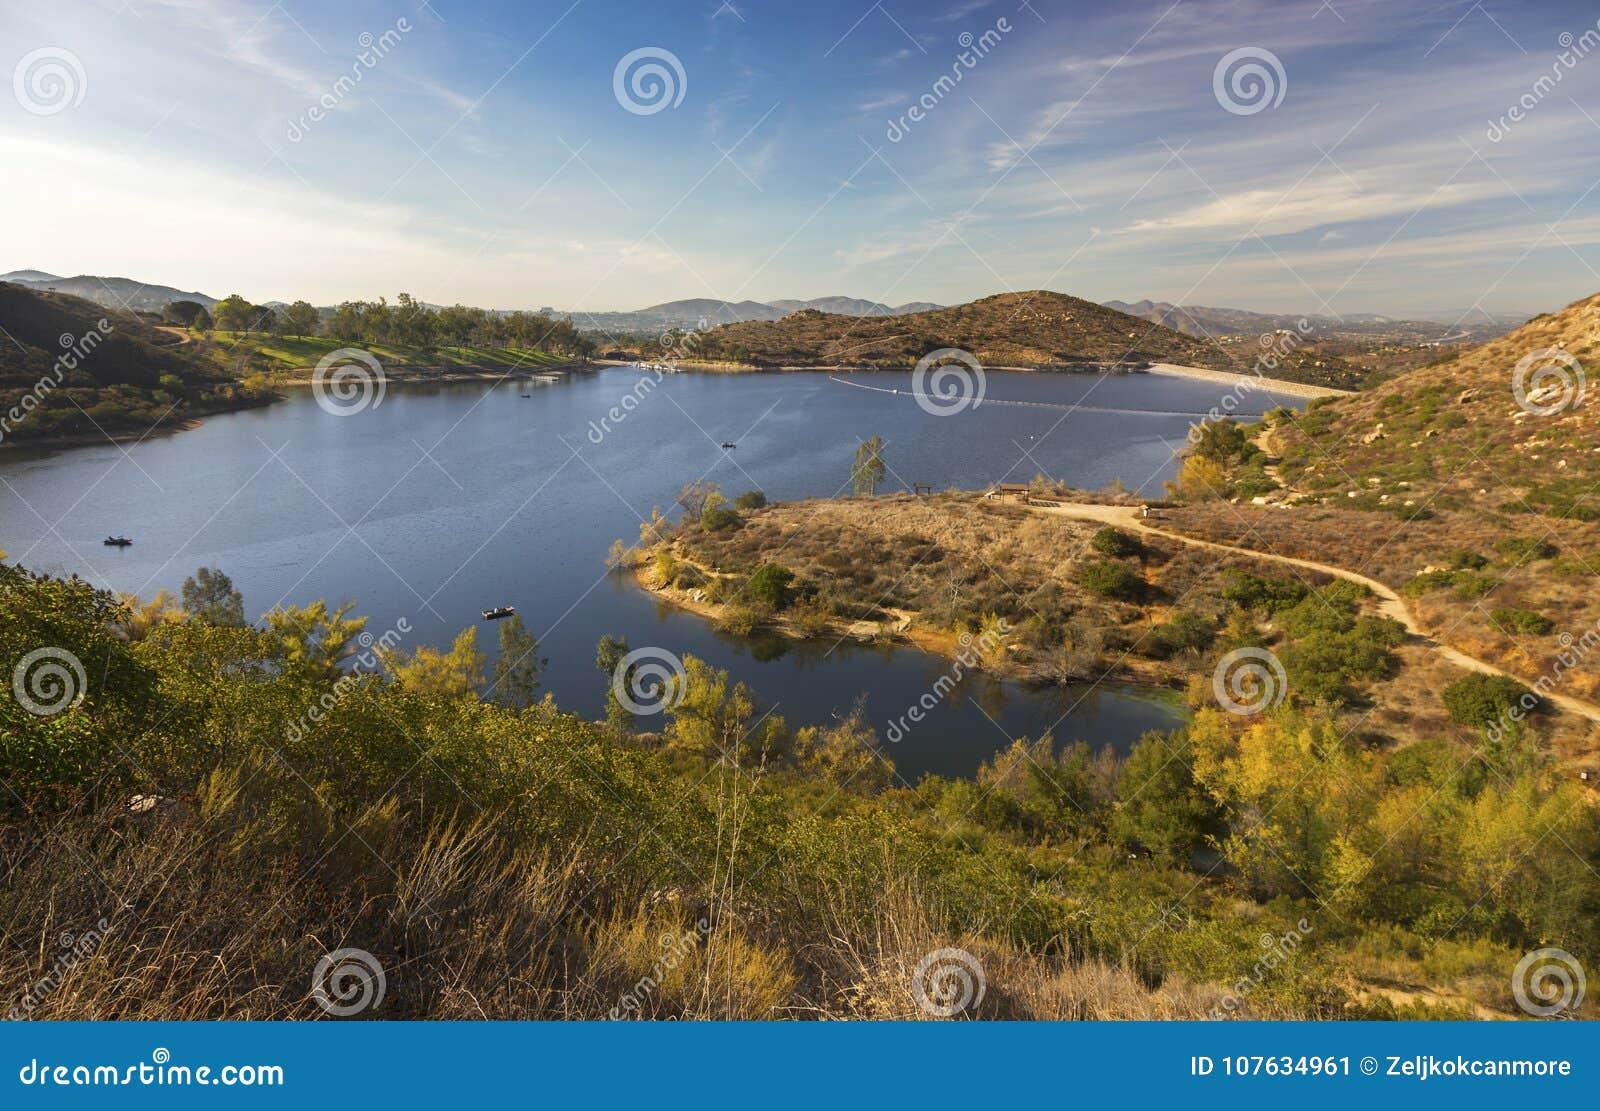 Jeziorna Poway San Diego okręgu administracyjnego Sceniczna Krajobrazowa północ